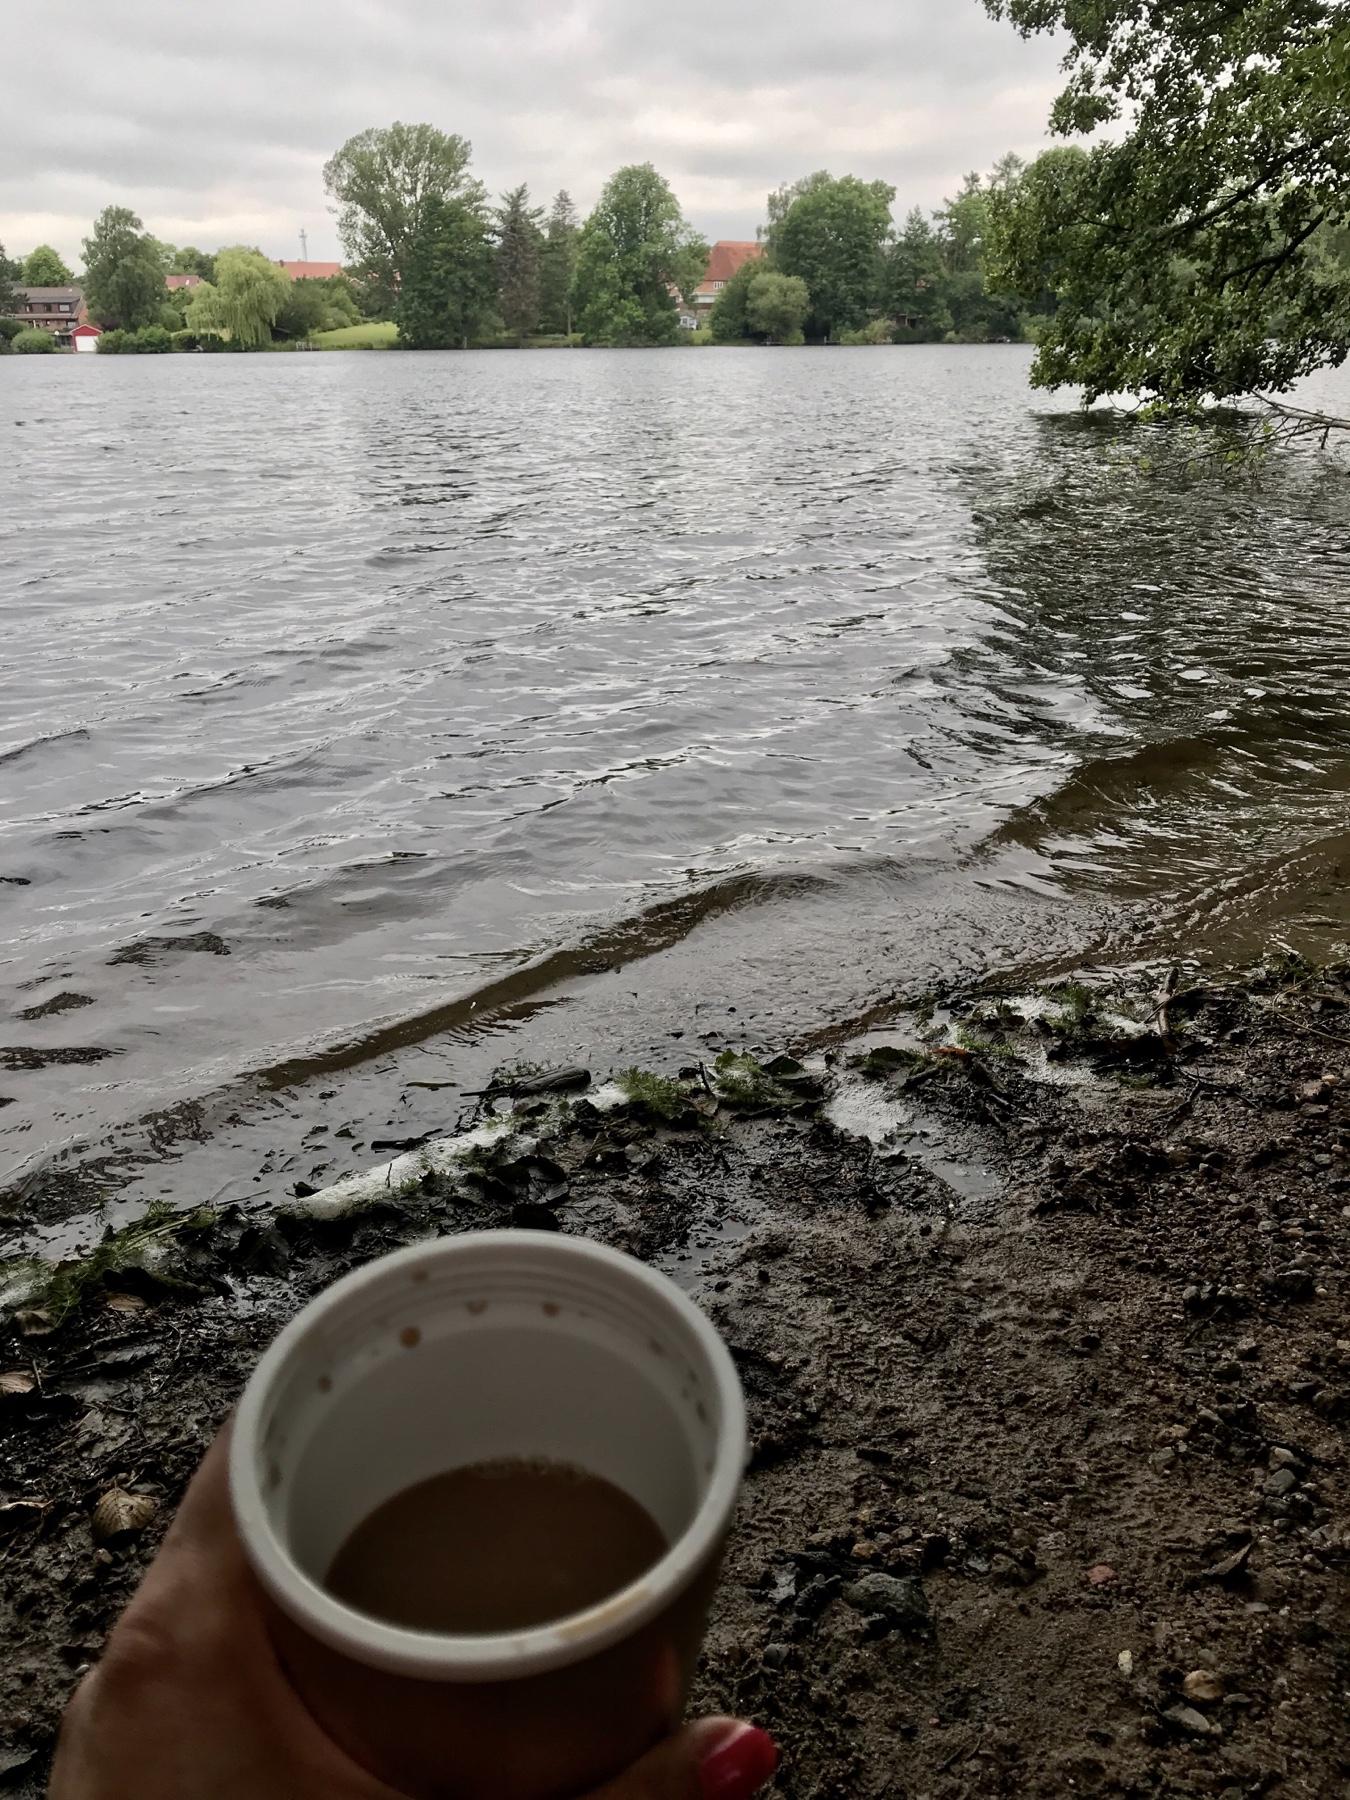 Kaffee to go mit Blick auf den Großensee, Stormarnwegn Etappe 2 Großensee Ahrensburg